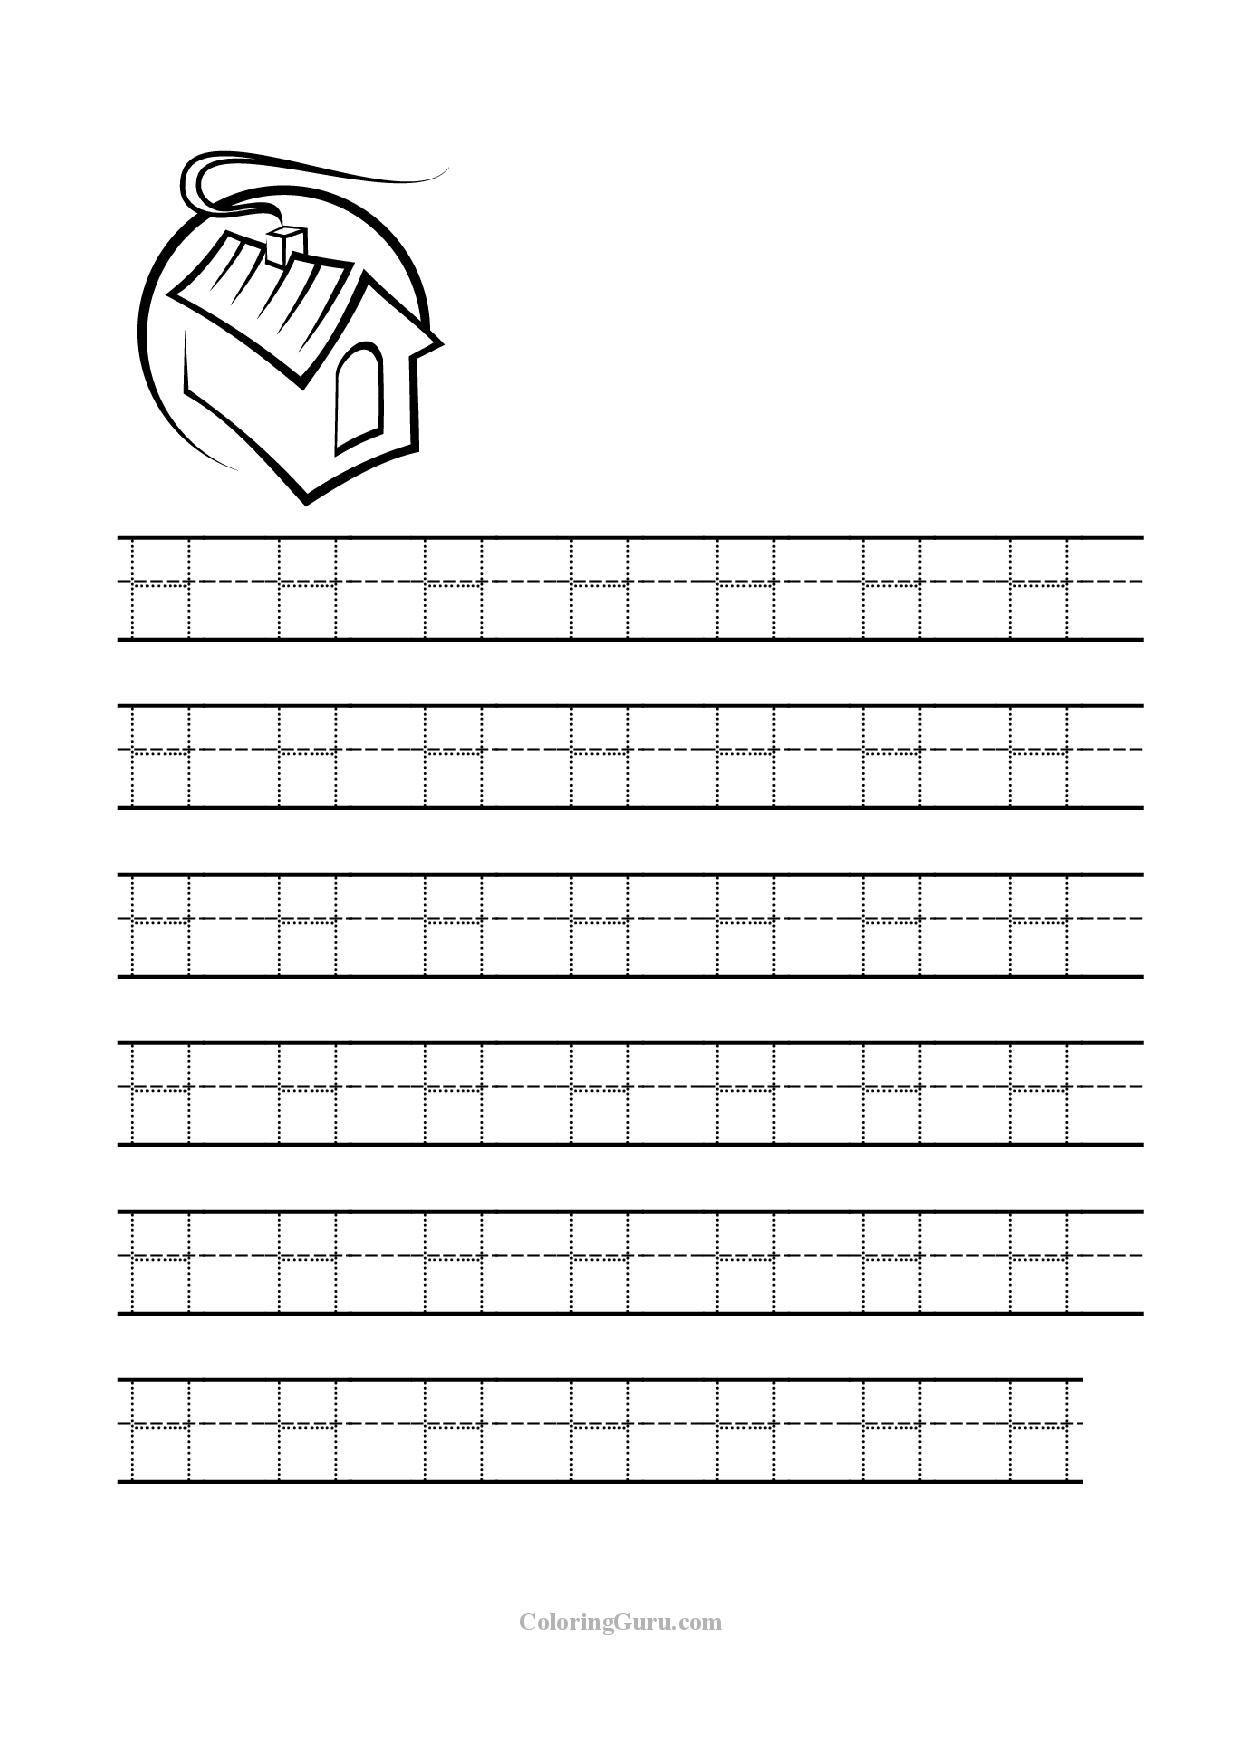 Letter H Tracing Worksheets Preschool Letter H Tracing Worksheets Worksheets for All